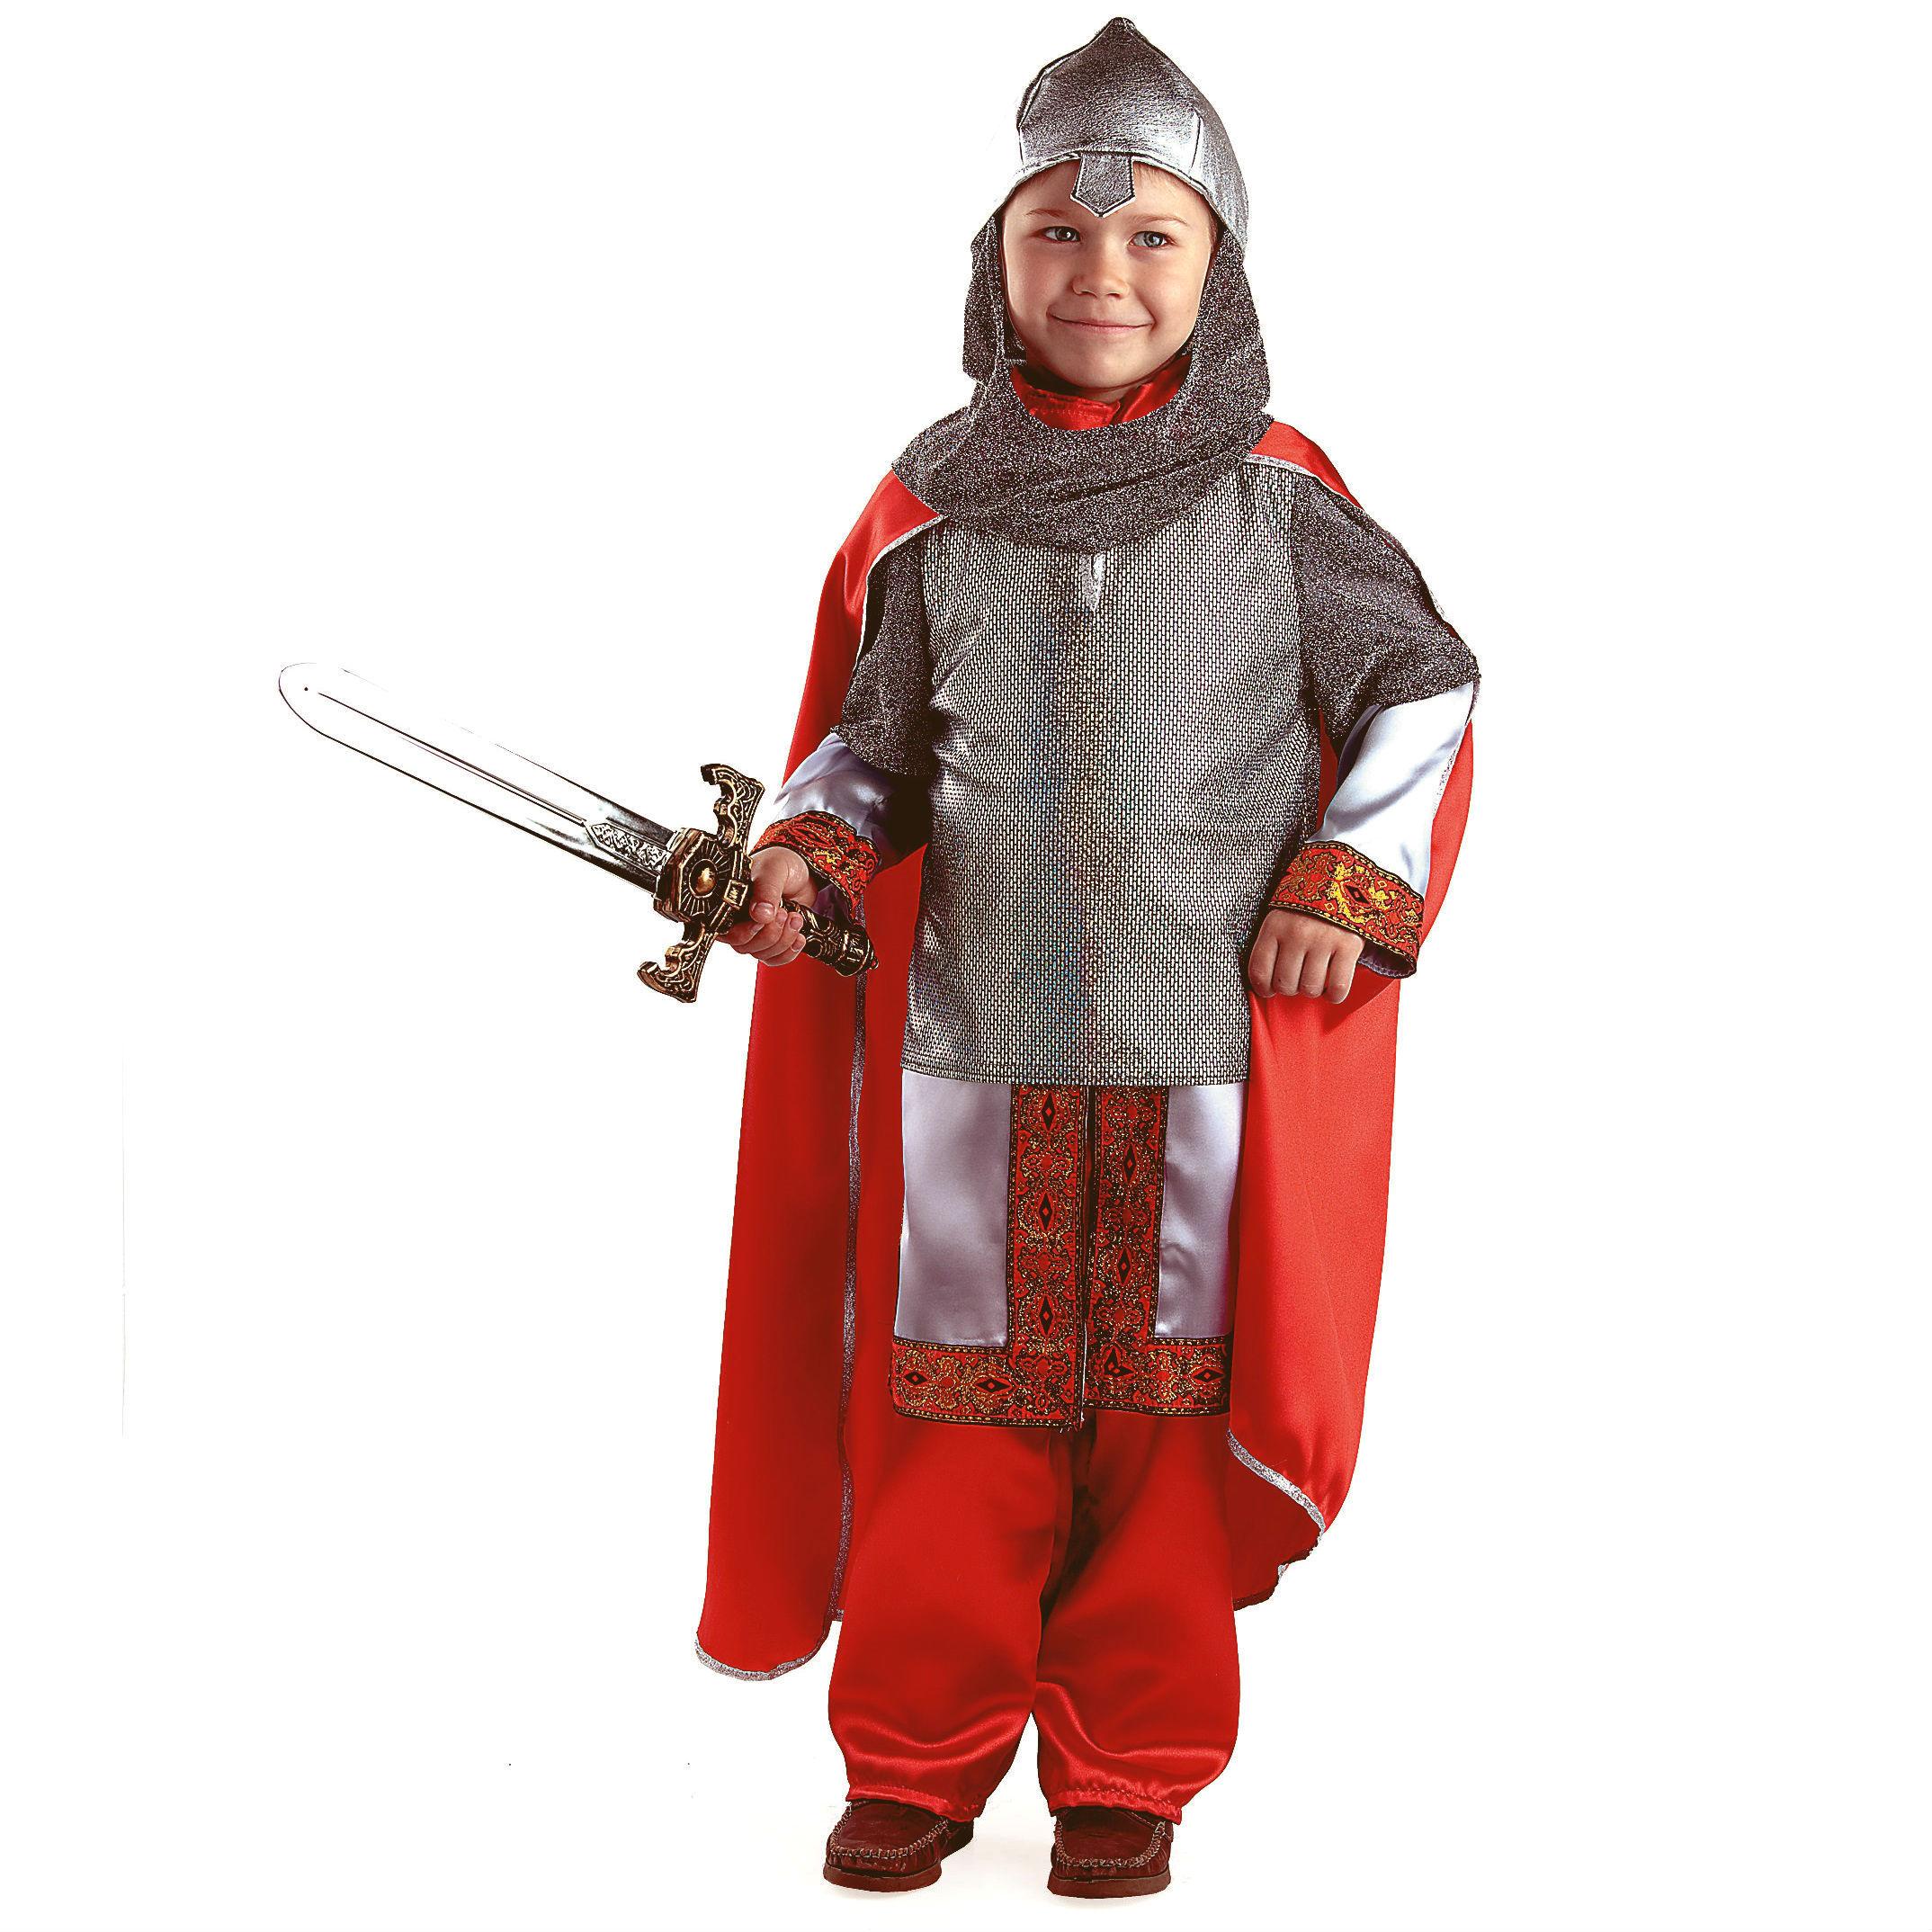 время проектирования магазины карнавальных костюмов для детей в красноярске адреса уточняйте точную